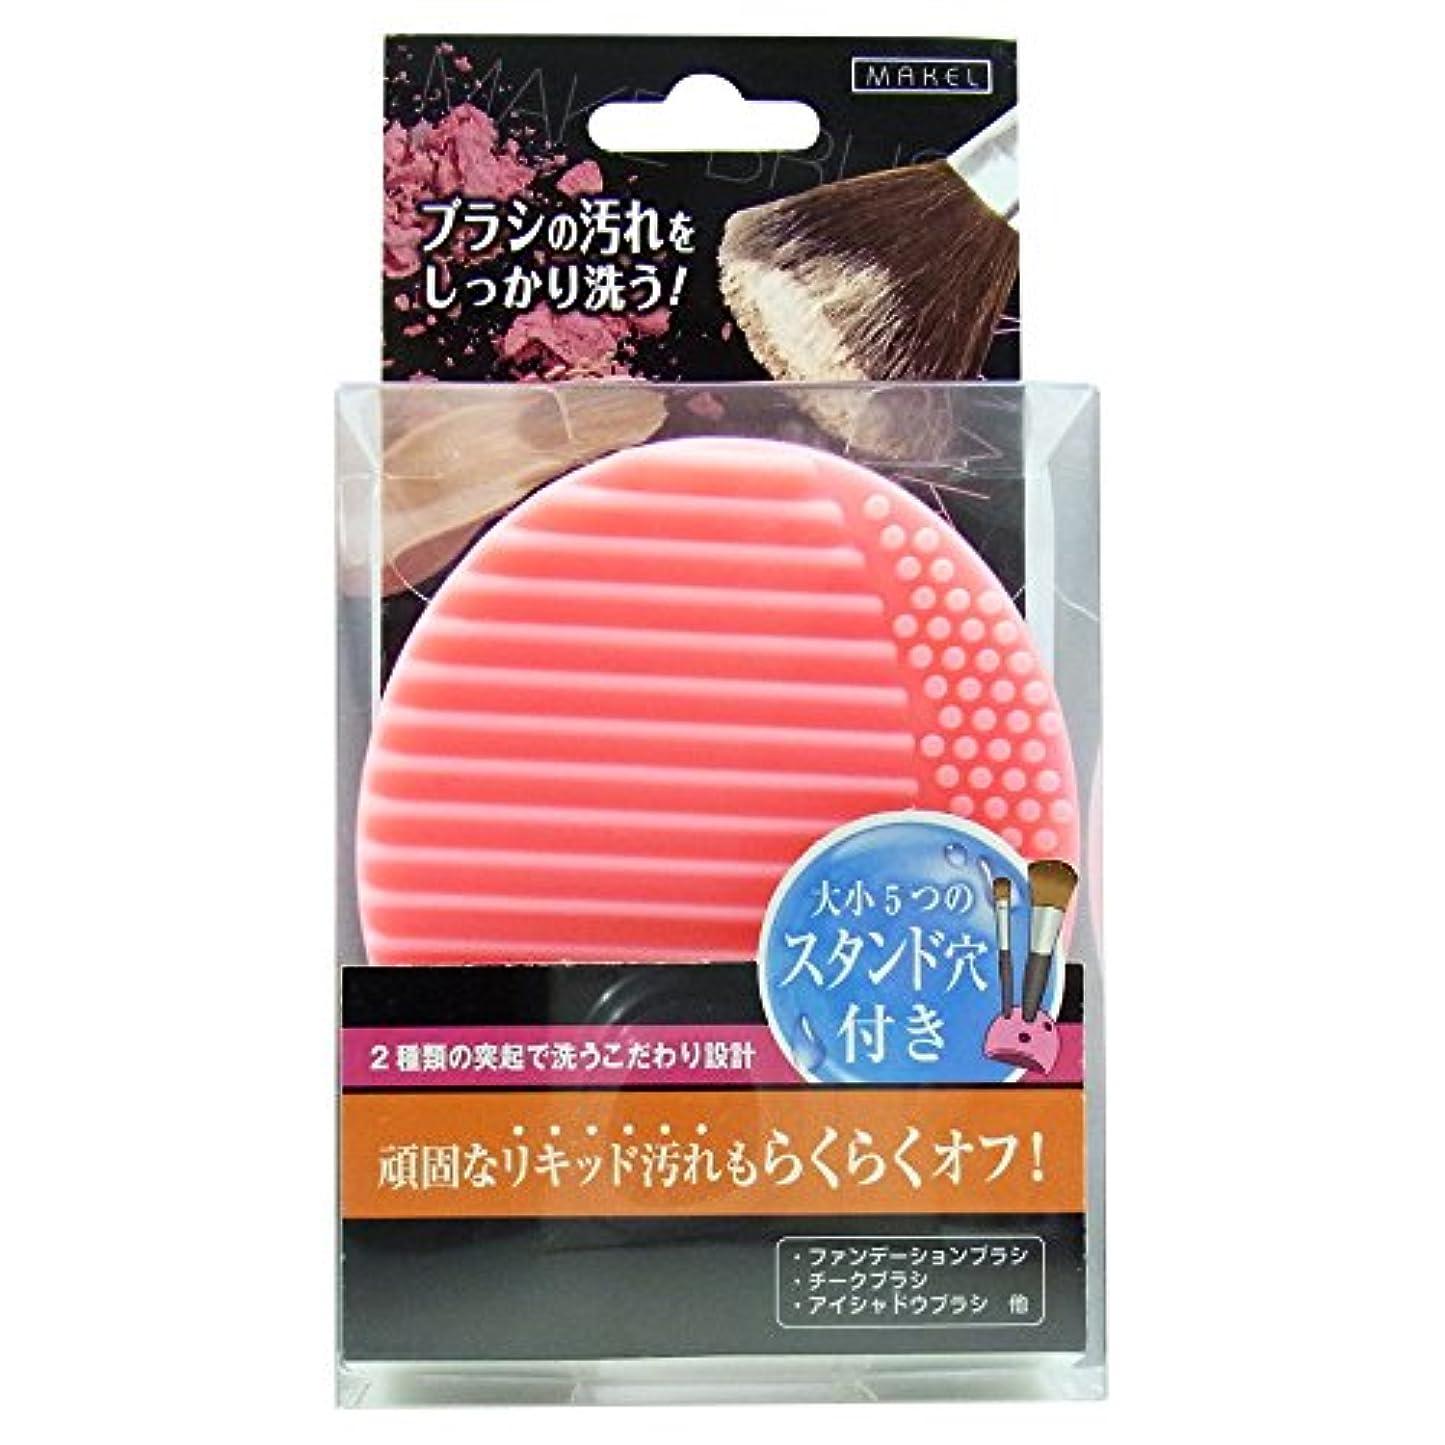 元に戻すボイラーフェデレーションラッキーウィンク メイクブラシクリーナー ピンク MBC500